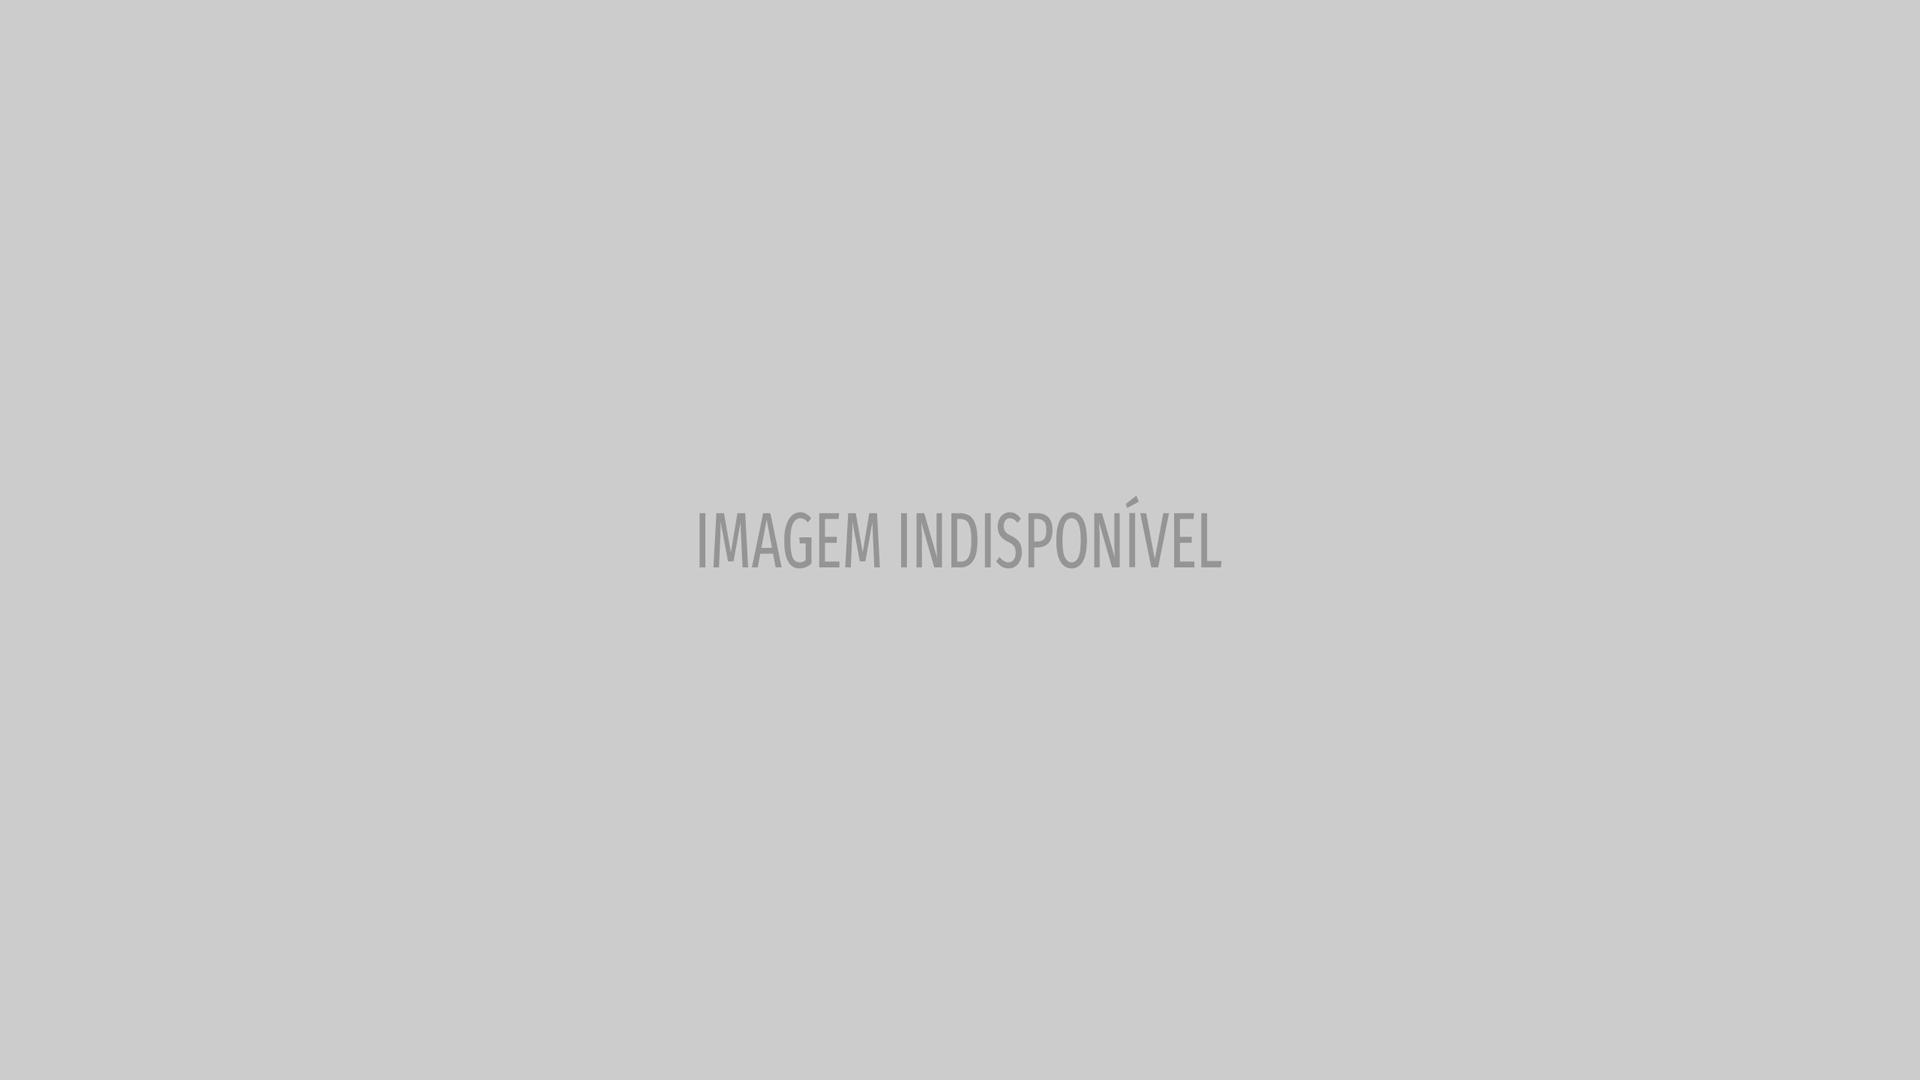 Juventus divulga a primeira imagem do reforço Ronaldo em Turim